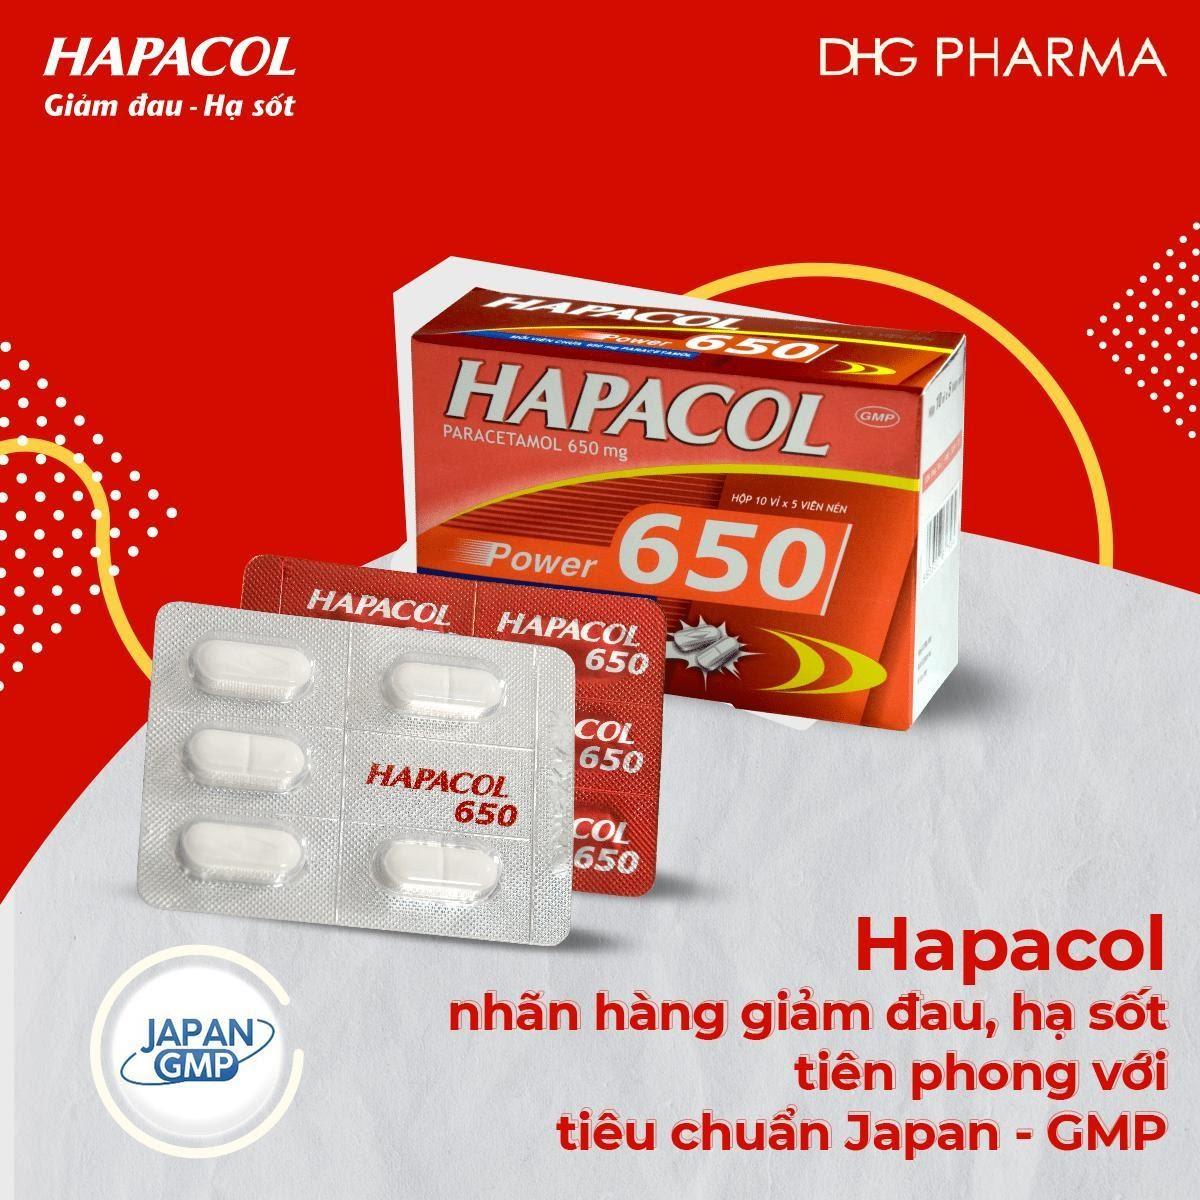 """Hapacol được """"chọn mặt gửi vàng"""" cho hàng loạt gói thầu nhóm 2 - nhóm thuốc đòi hỏi chất lượng khắt khe tại các cơ sở y tế lớn."""